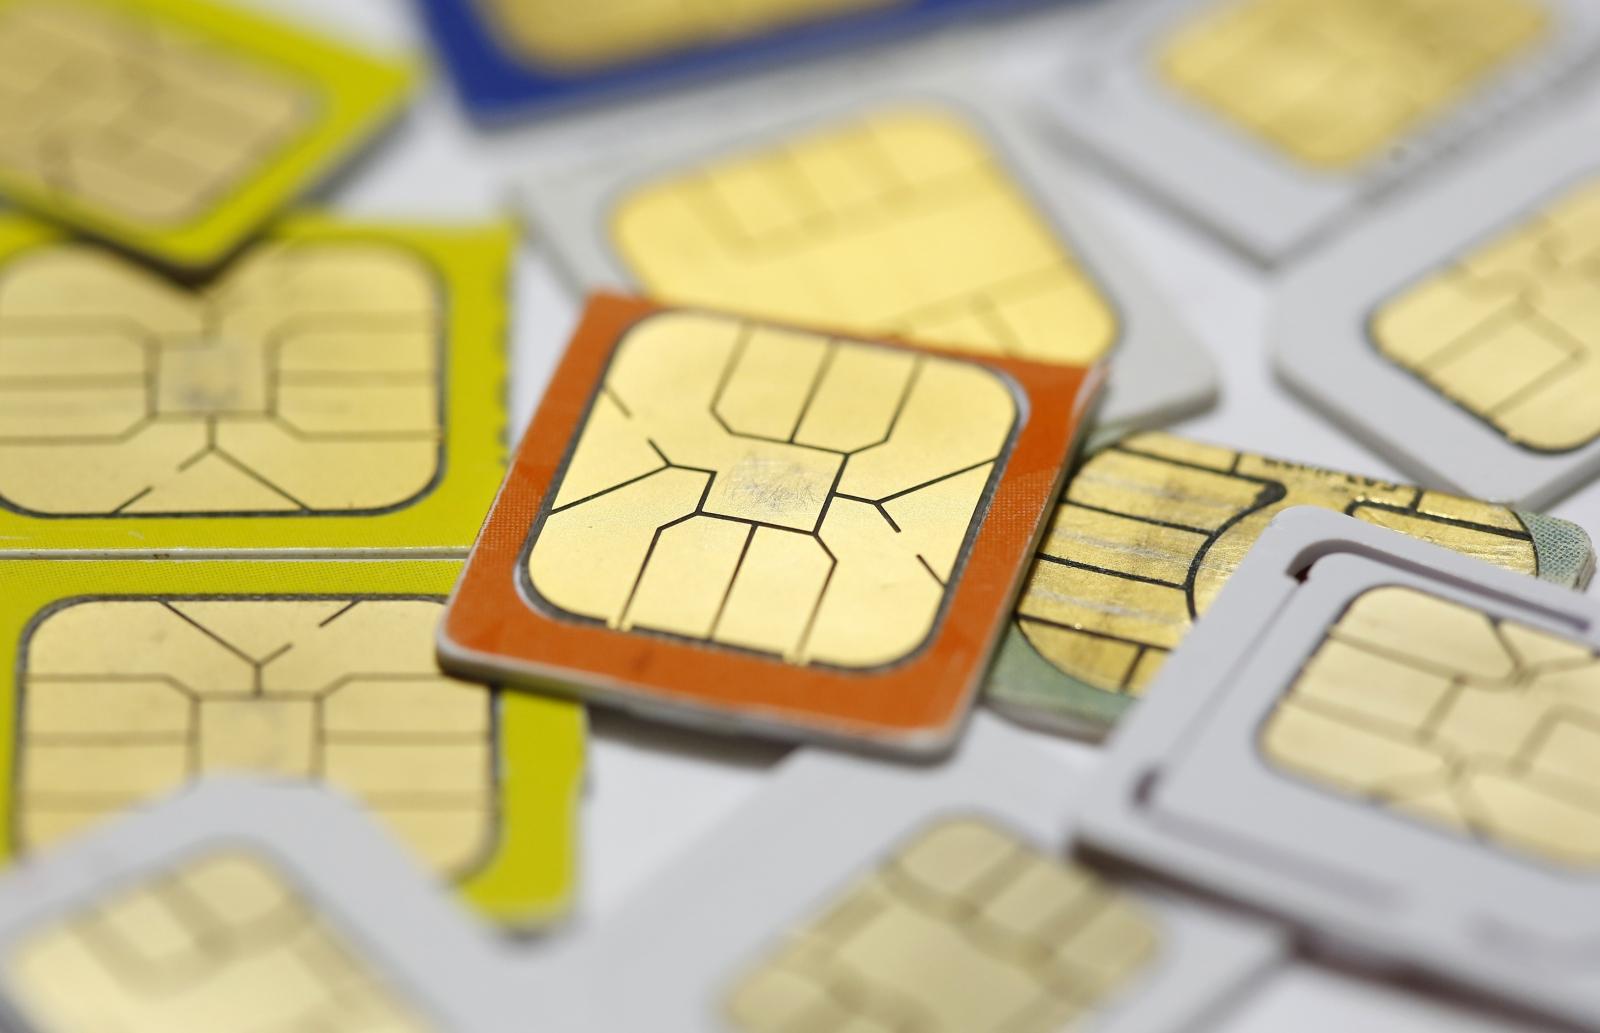 cara menjaga agar kartu SIM tidak kadaluarsa